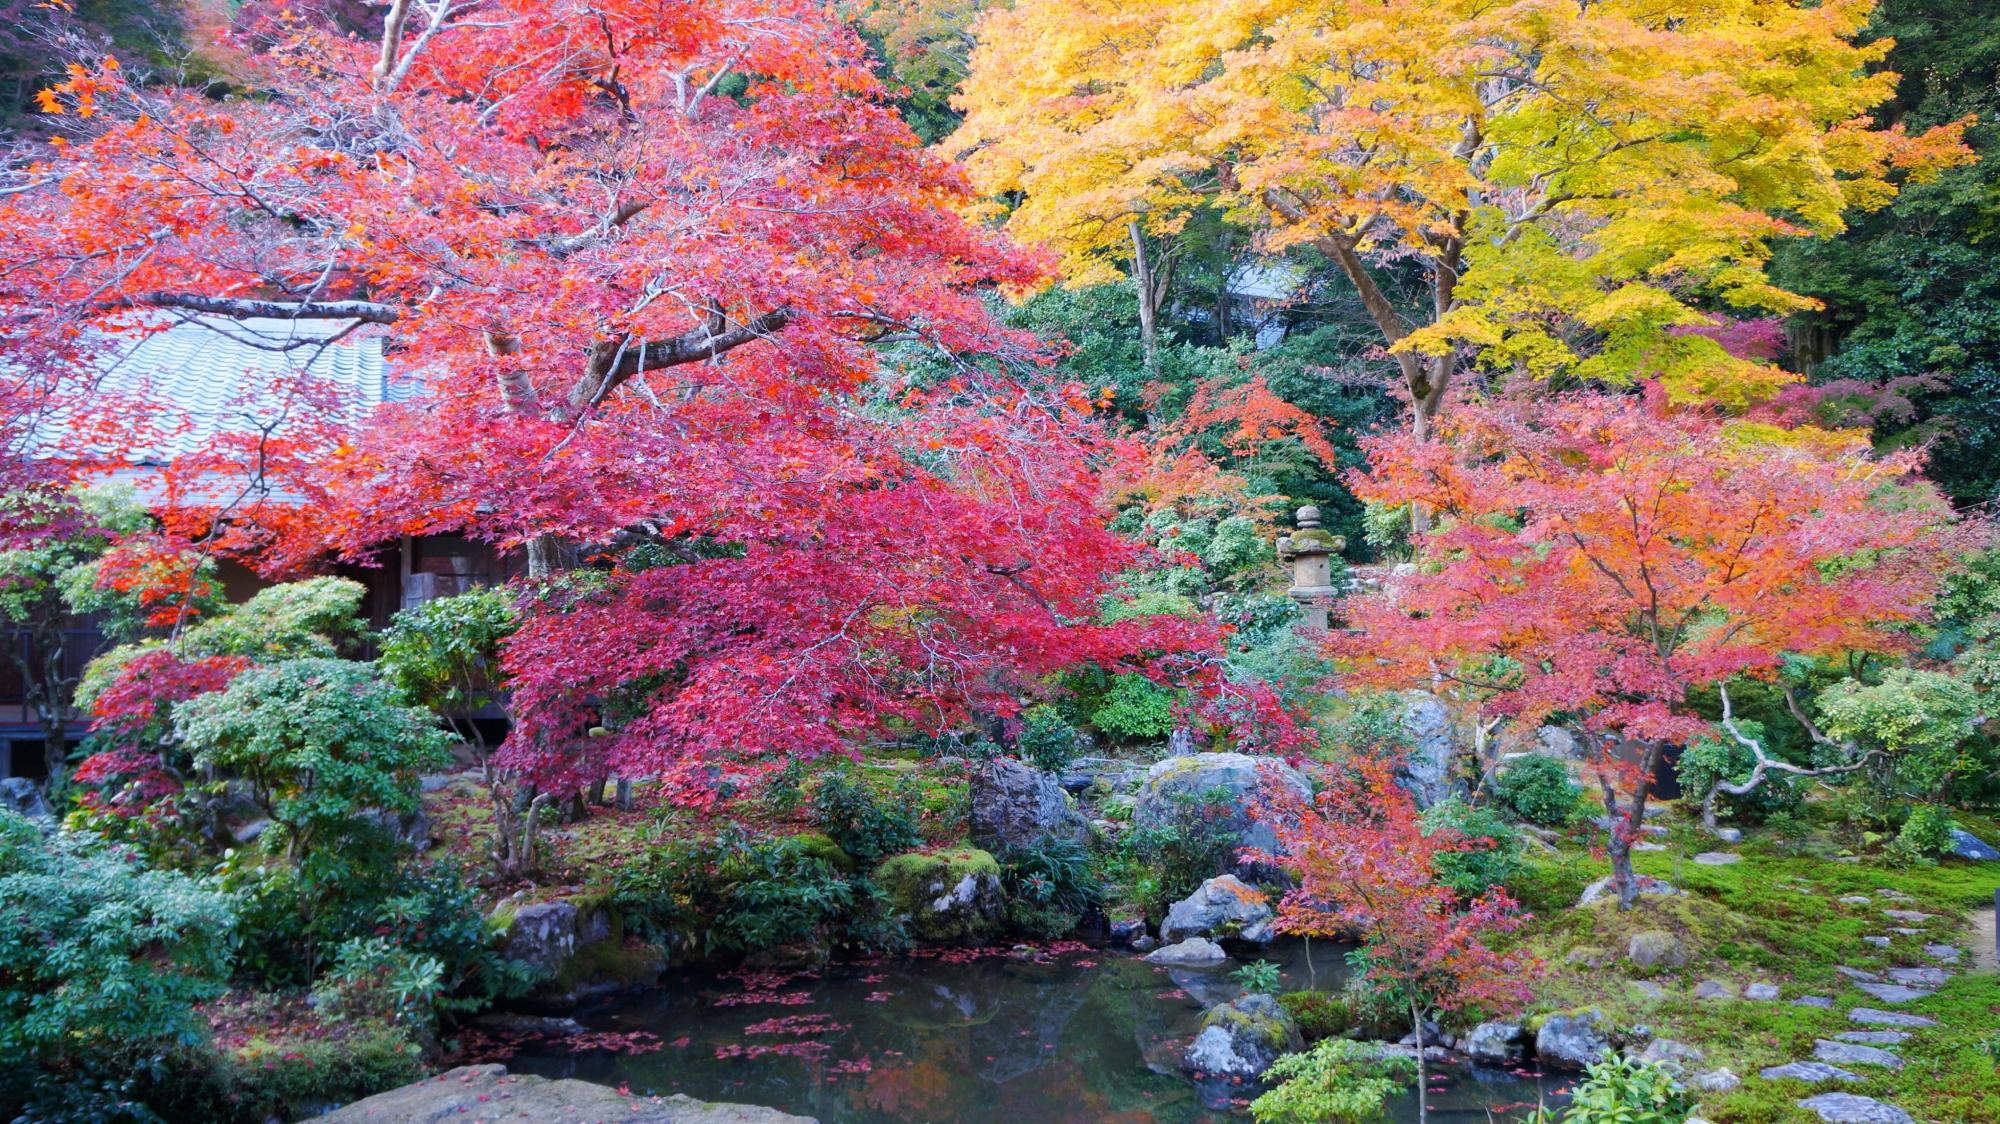 水と緑の豊かな庭園で溢れる多彩な紅葉